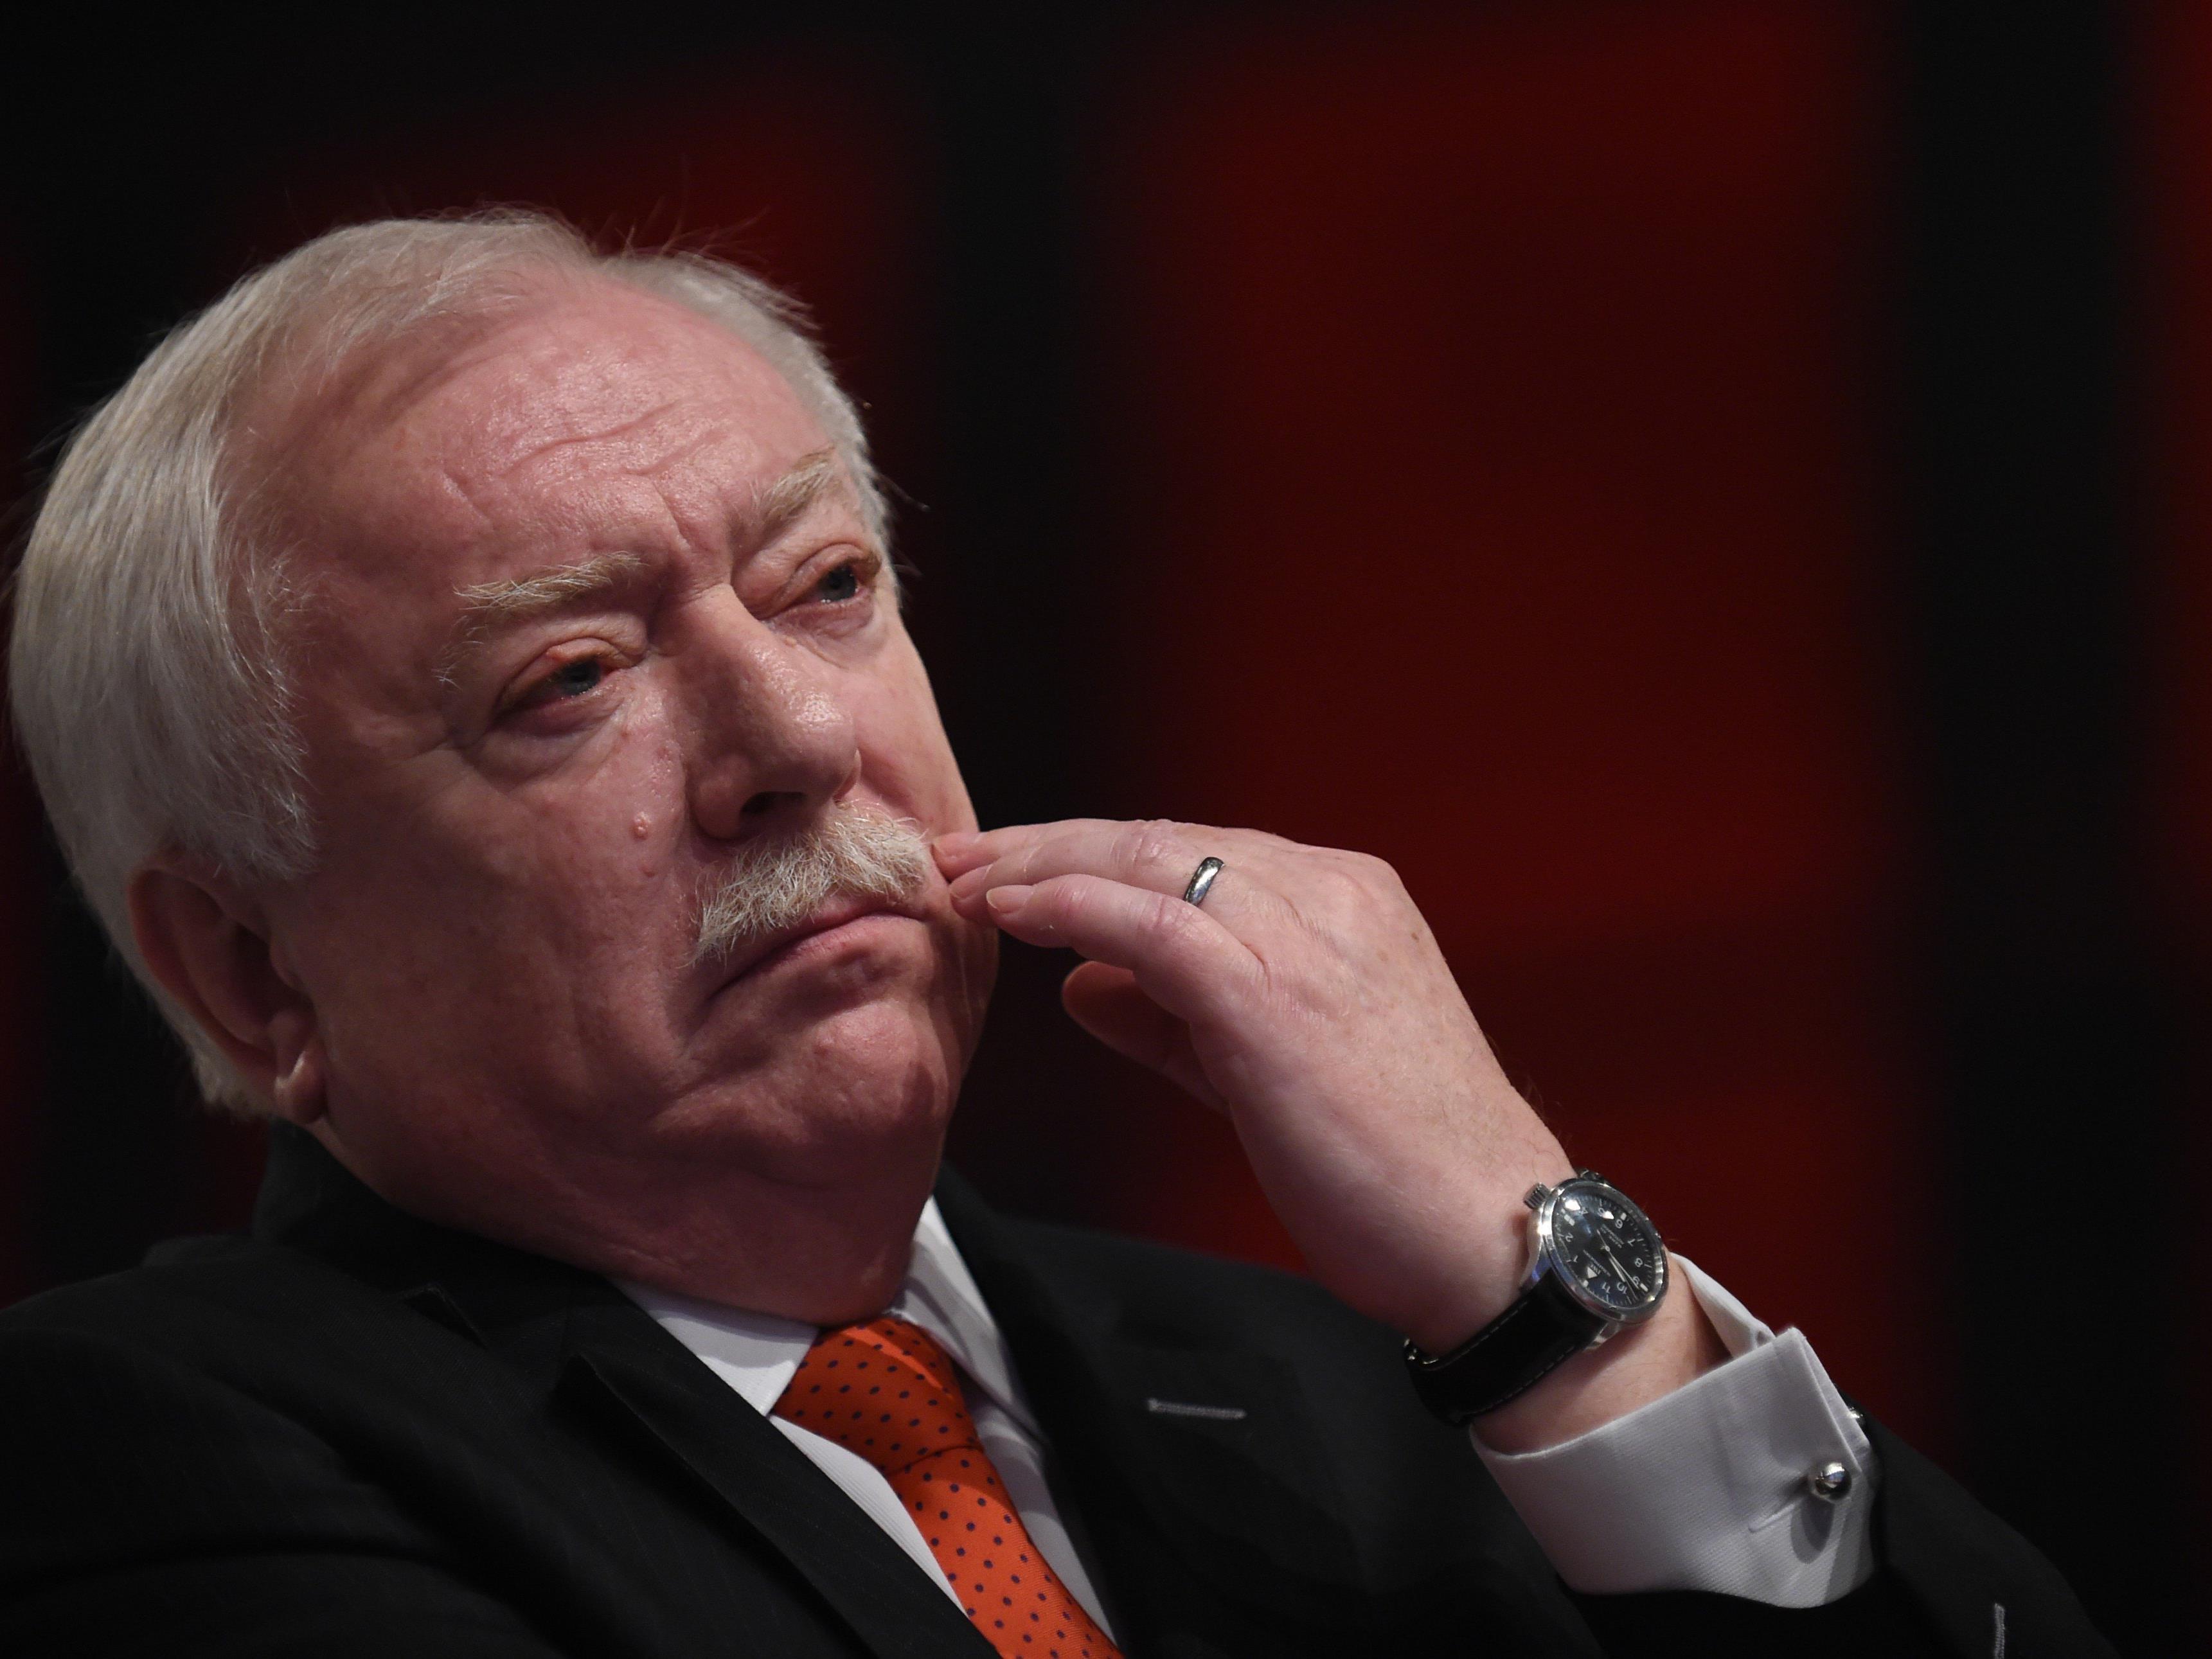 Der Wiener Bürgermeister zur Mindestsicherung und den Verhandlungen mit der ÖVP